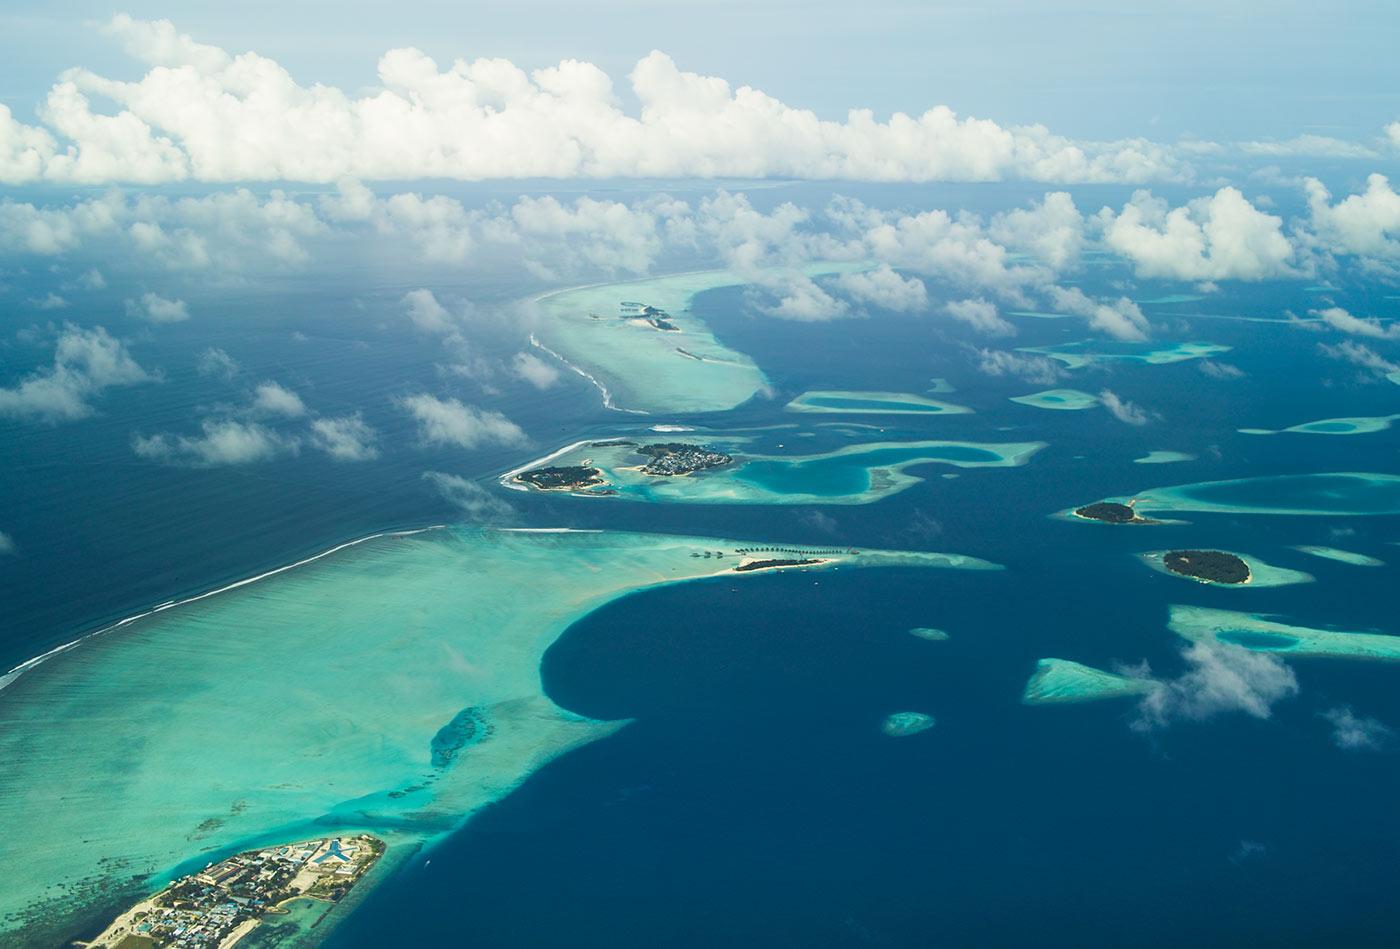 Мальдивы пляж ваадху фото